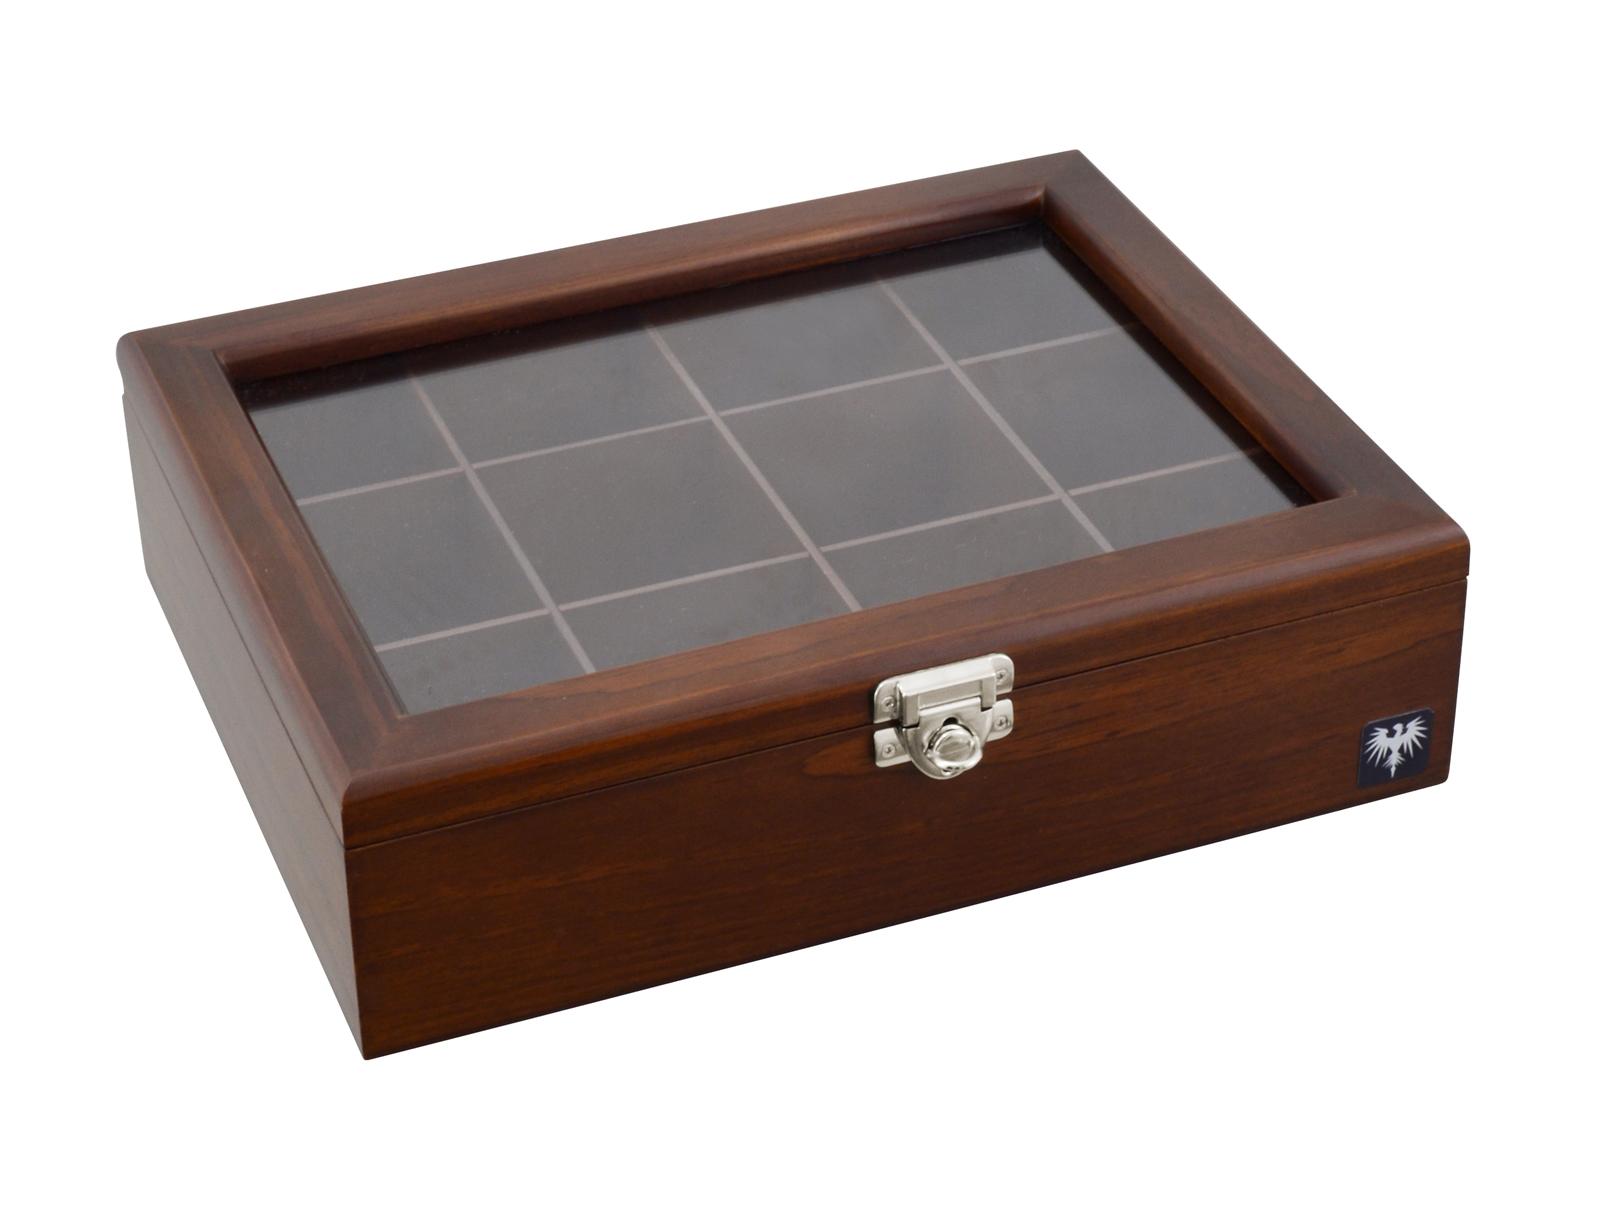 estojo-porta-cha-12-nichos-madeira-macica-tabaco-imagem-6.JPG